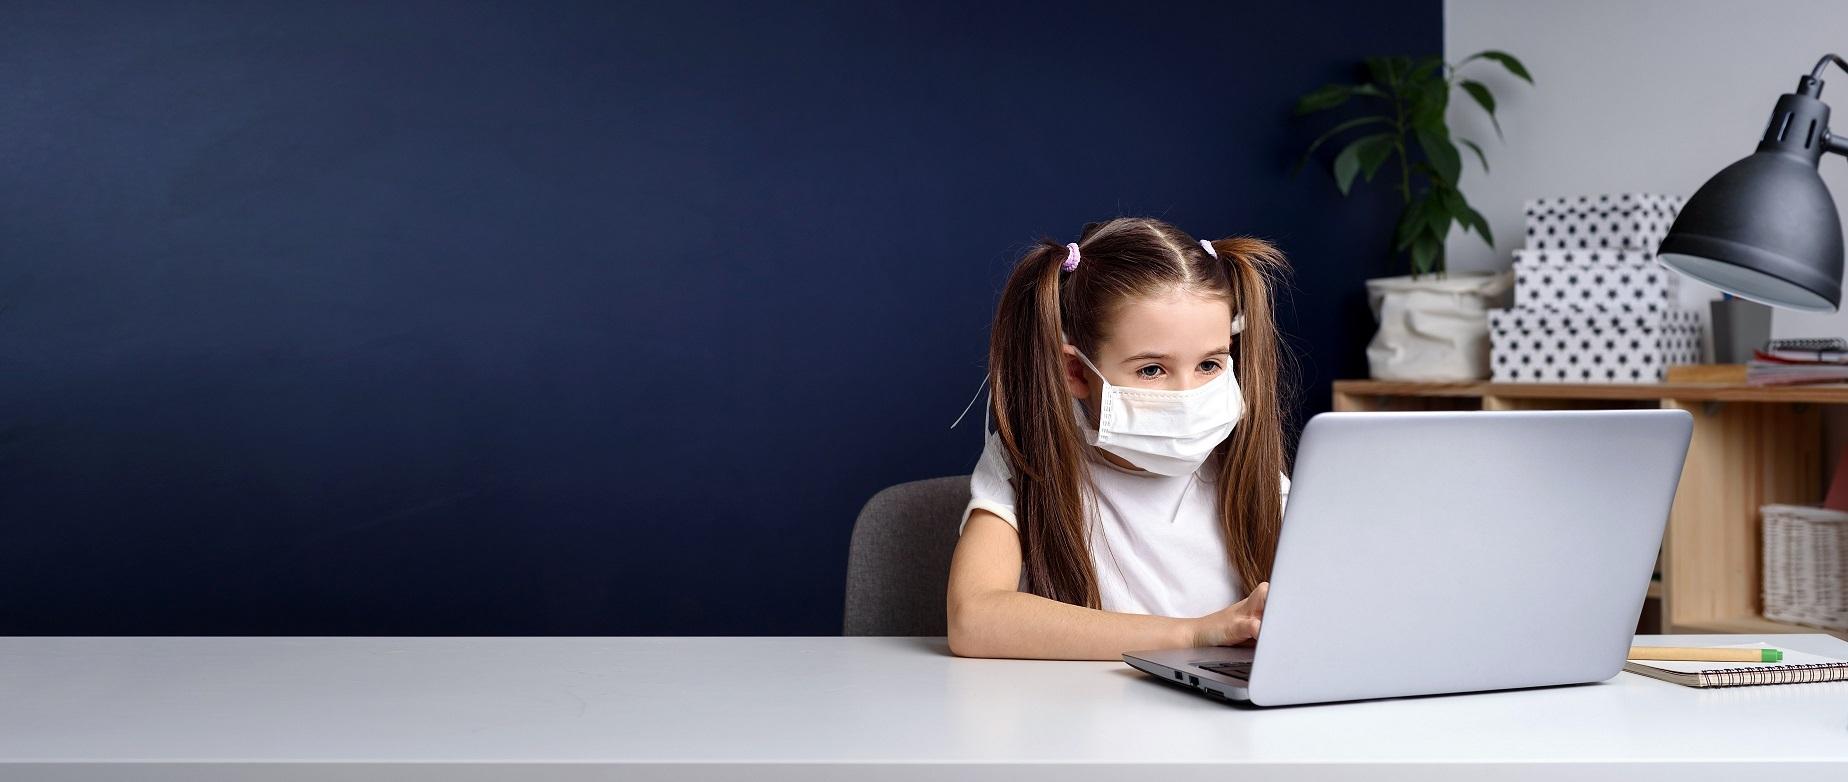 """Dit is de schade van online afstandsonderwijs, en ze noemen het """"normaal."""""""